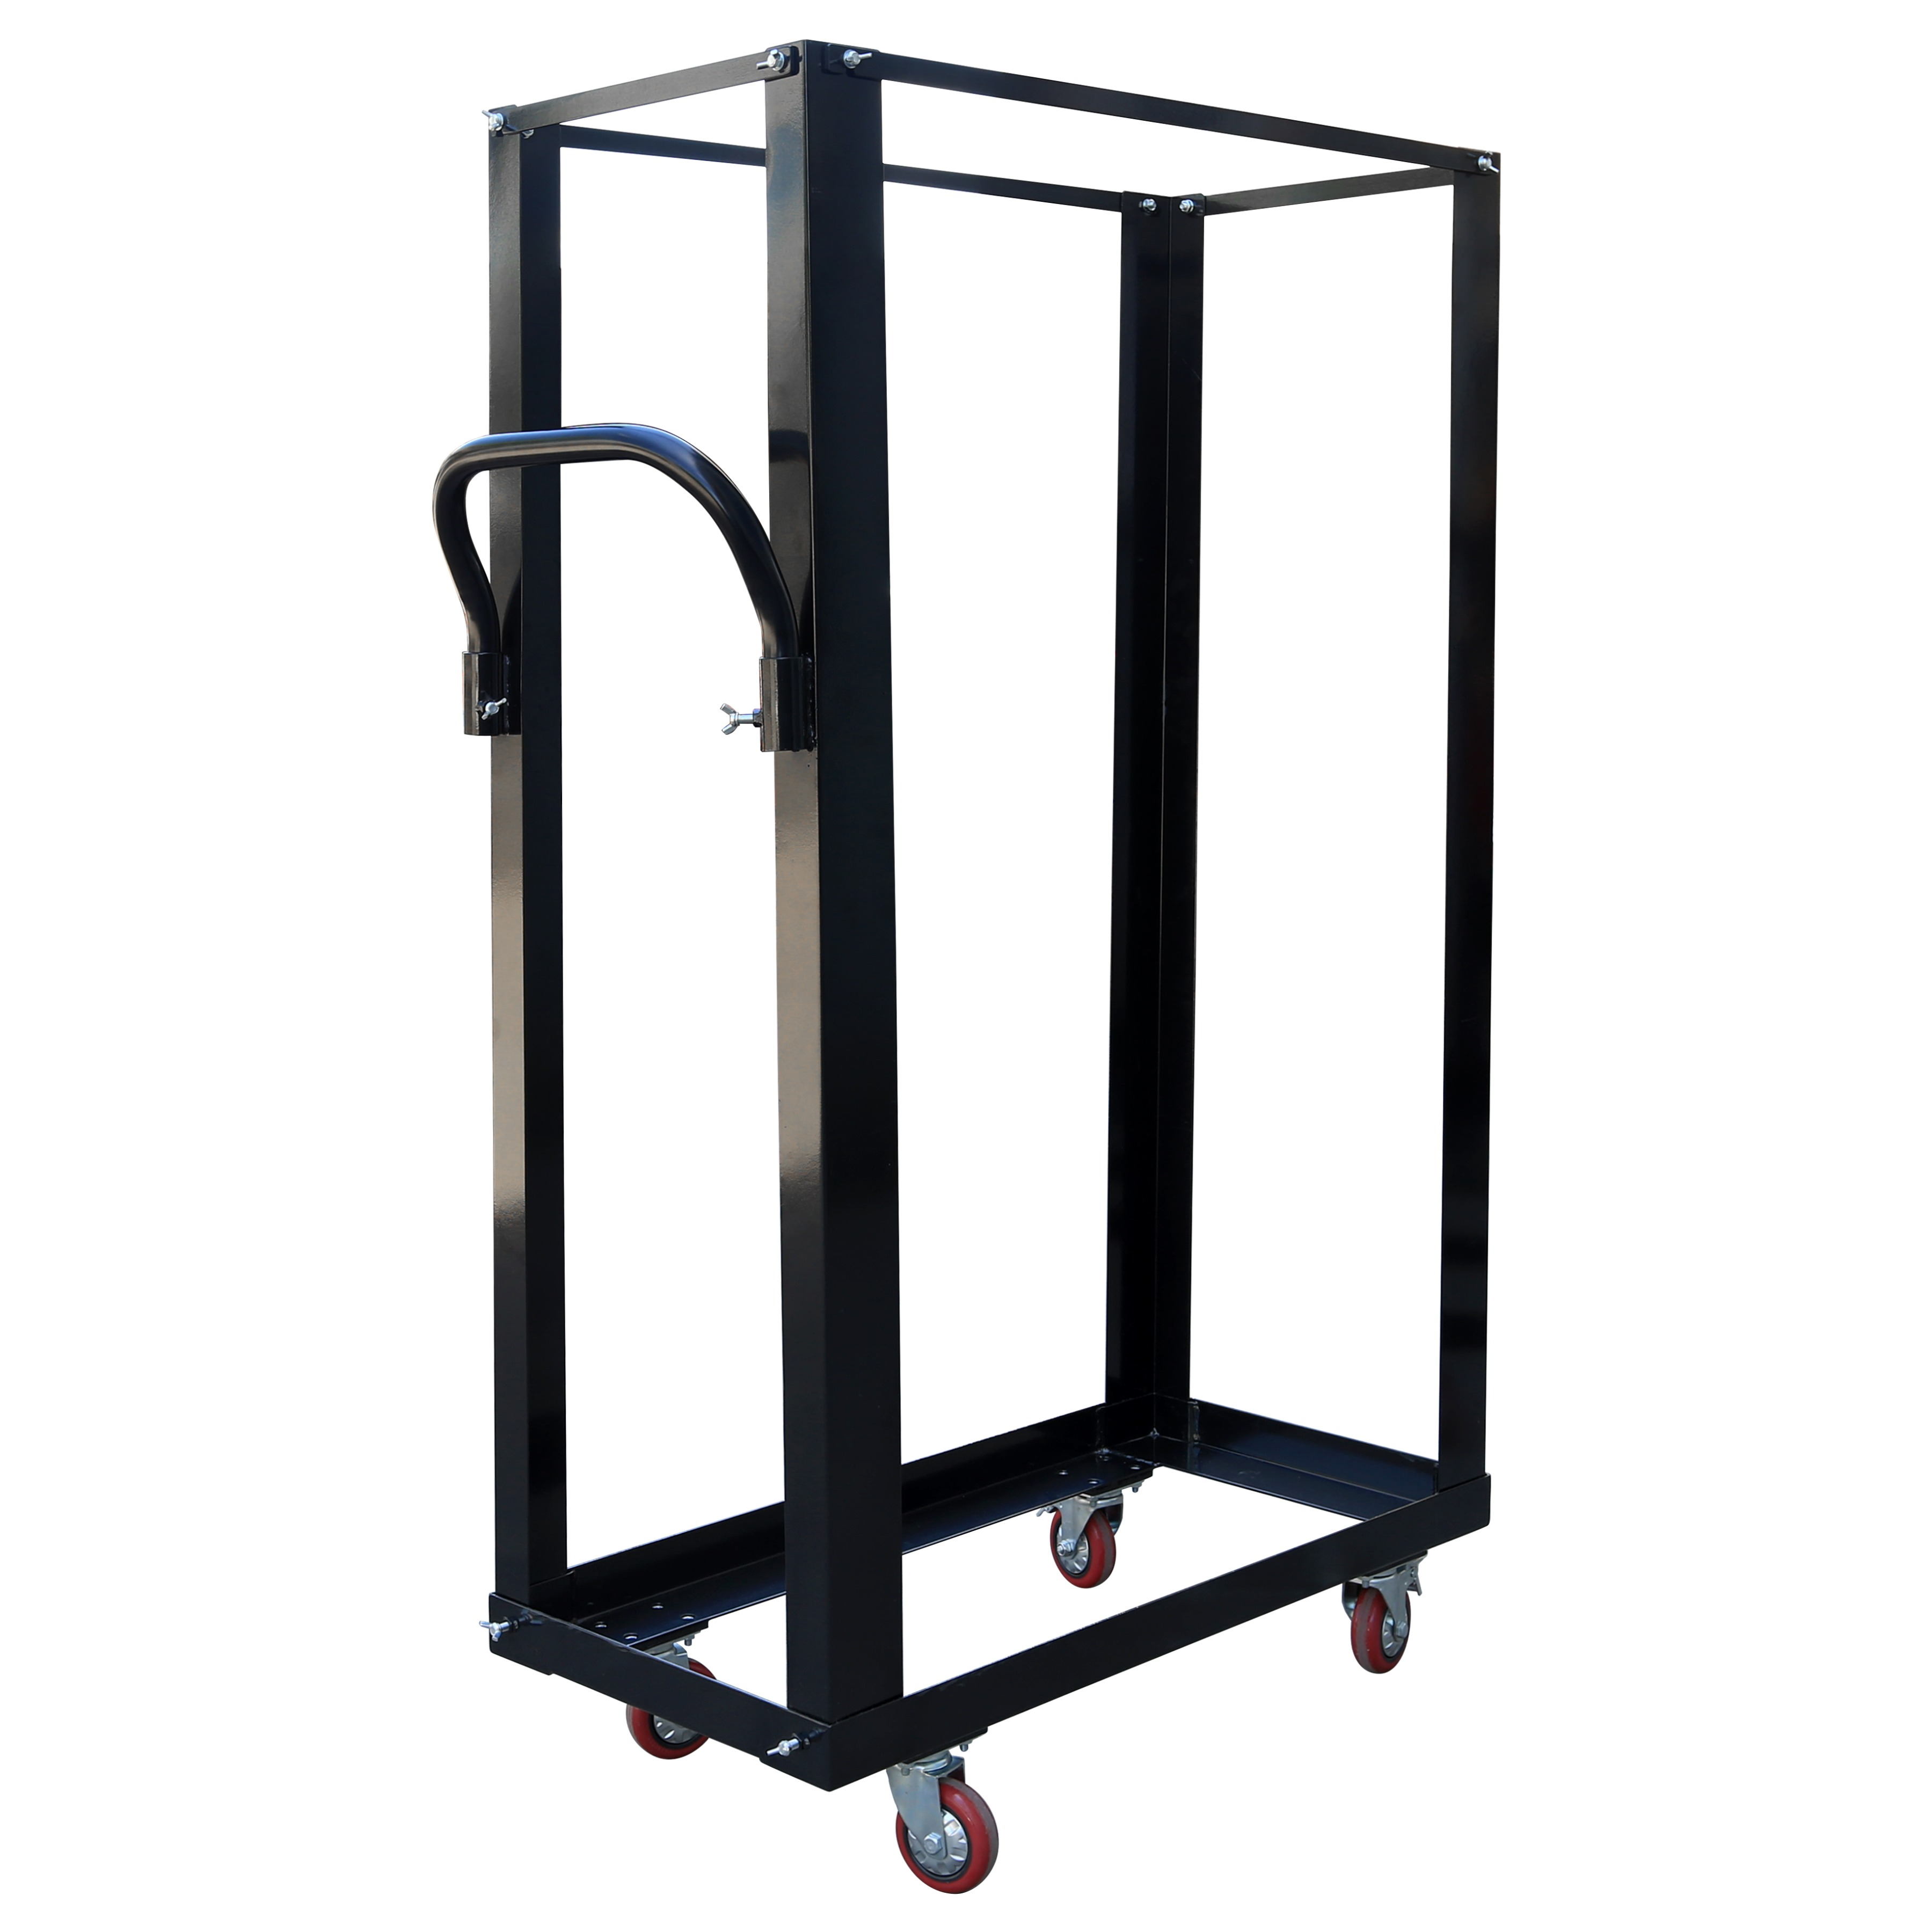 chariot de chaises jet 50 chaises jet chaise pliante et empilable chariot de chaise. Black Bedroom Furniture Sets. Home Design Ideas